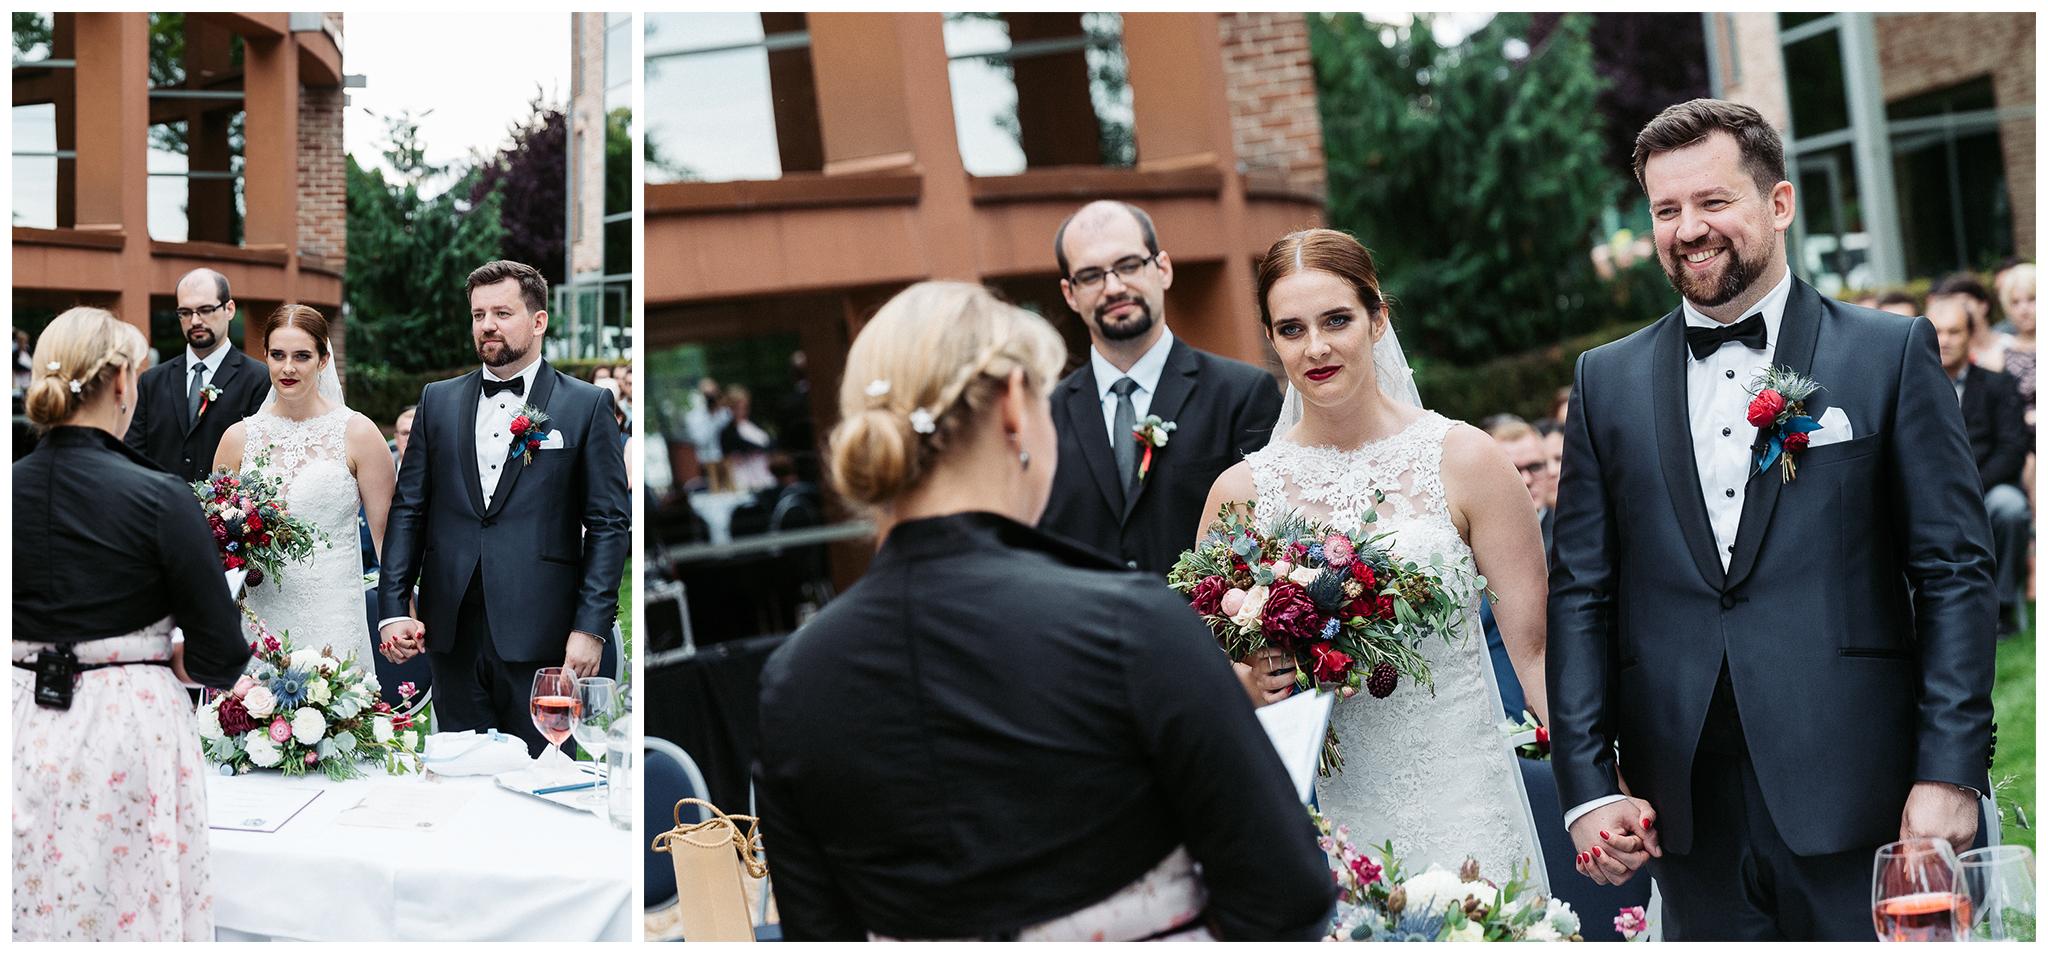 MONT_FylepPhoto, Esküvőfotós Vasmegye, Esküvő fotózás, Esküvői fotós, Körmend, Vas megye, Dunántúl, Budapest, Fülöp Péter, Jegyes fotózás, jegyes, kreatív, kreatívfotózás,Wien,Ausztira,Österreich,hochzeitsfotograf_V&M_039.jpg